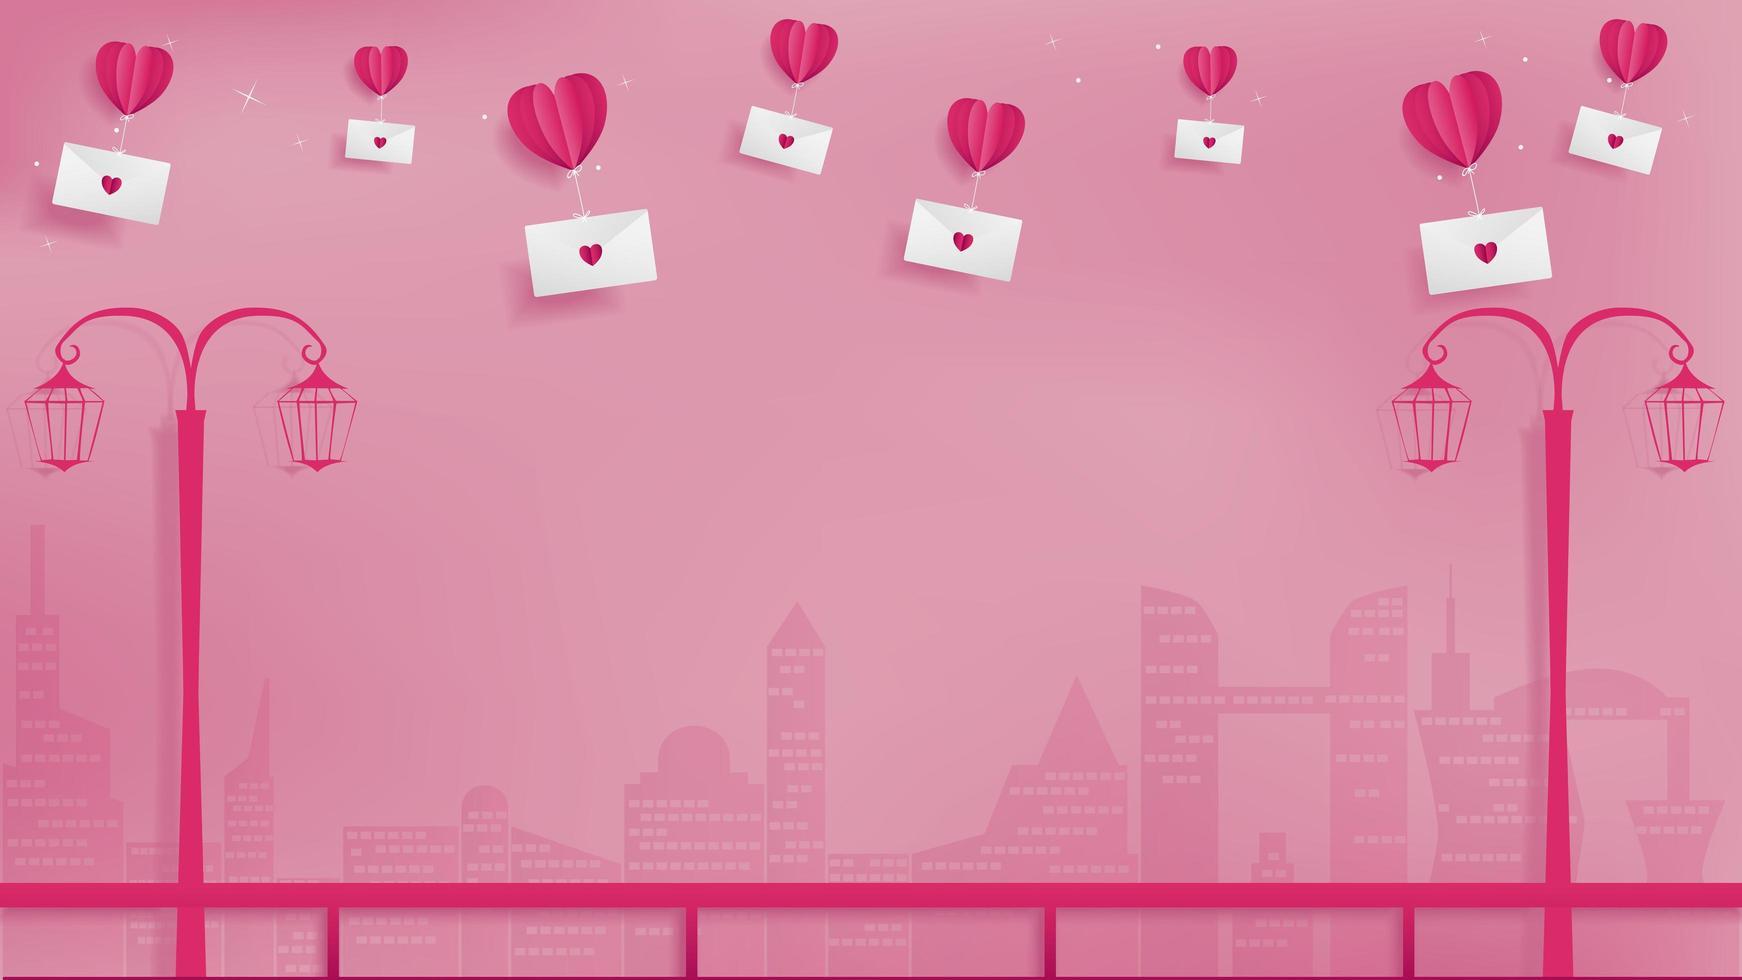 Alla hjärtans ballonger med kuvert vektor